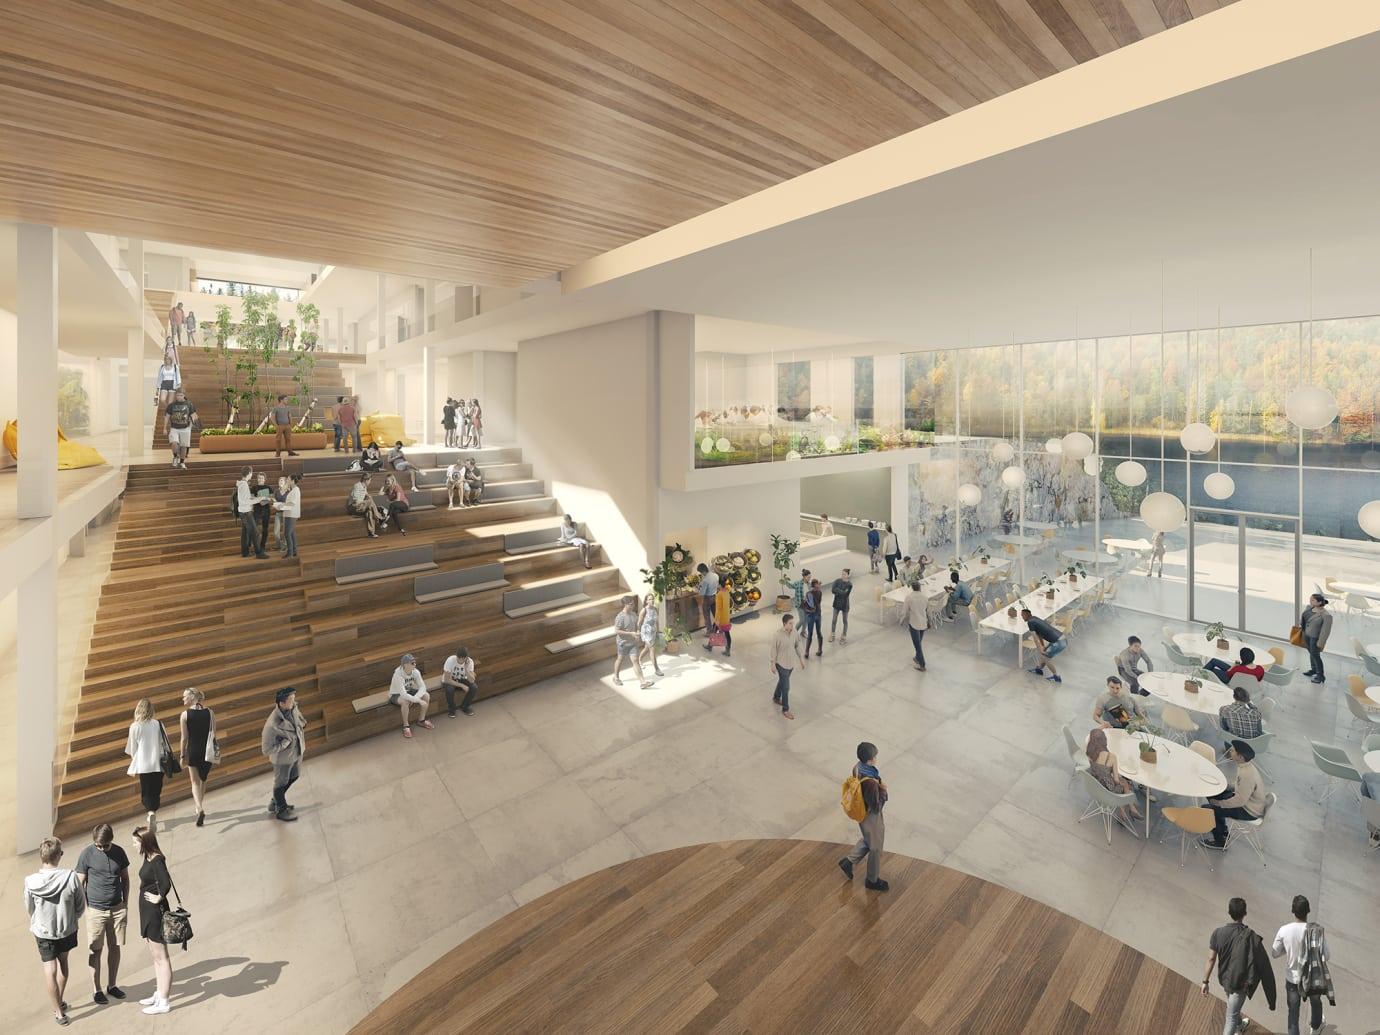 Fra skolens inngangsparti åpner etasjene seg oppover i allmenningen, og de som kommer blir møtt med nydelig utsyn mot Mjåvatn. (Illustrasjon: 3D illustratør: Archivisuals, Arkitekt: LINK arkitektur Landskap: Snøhetta)